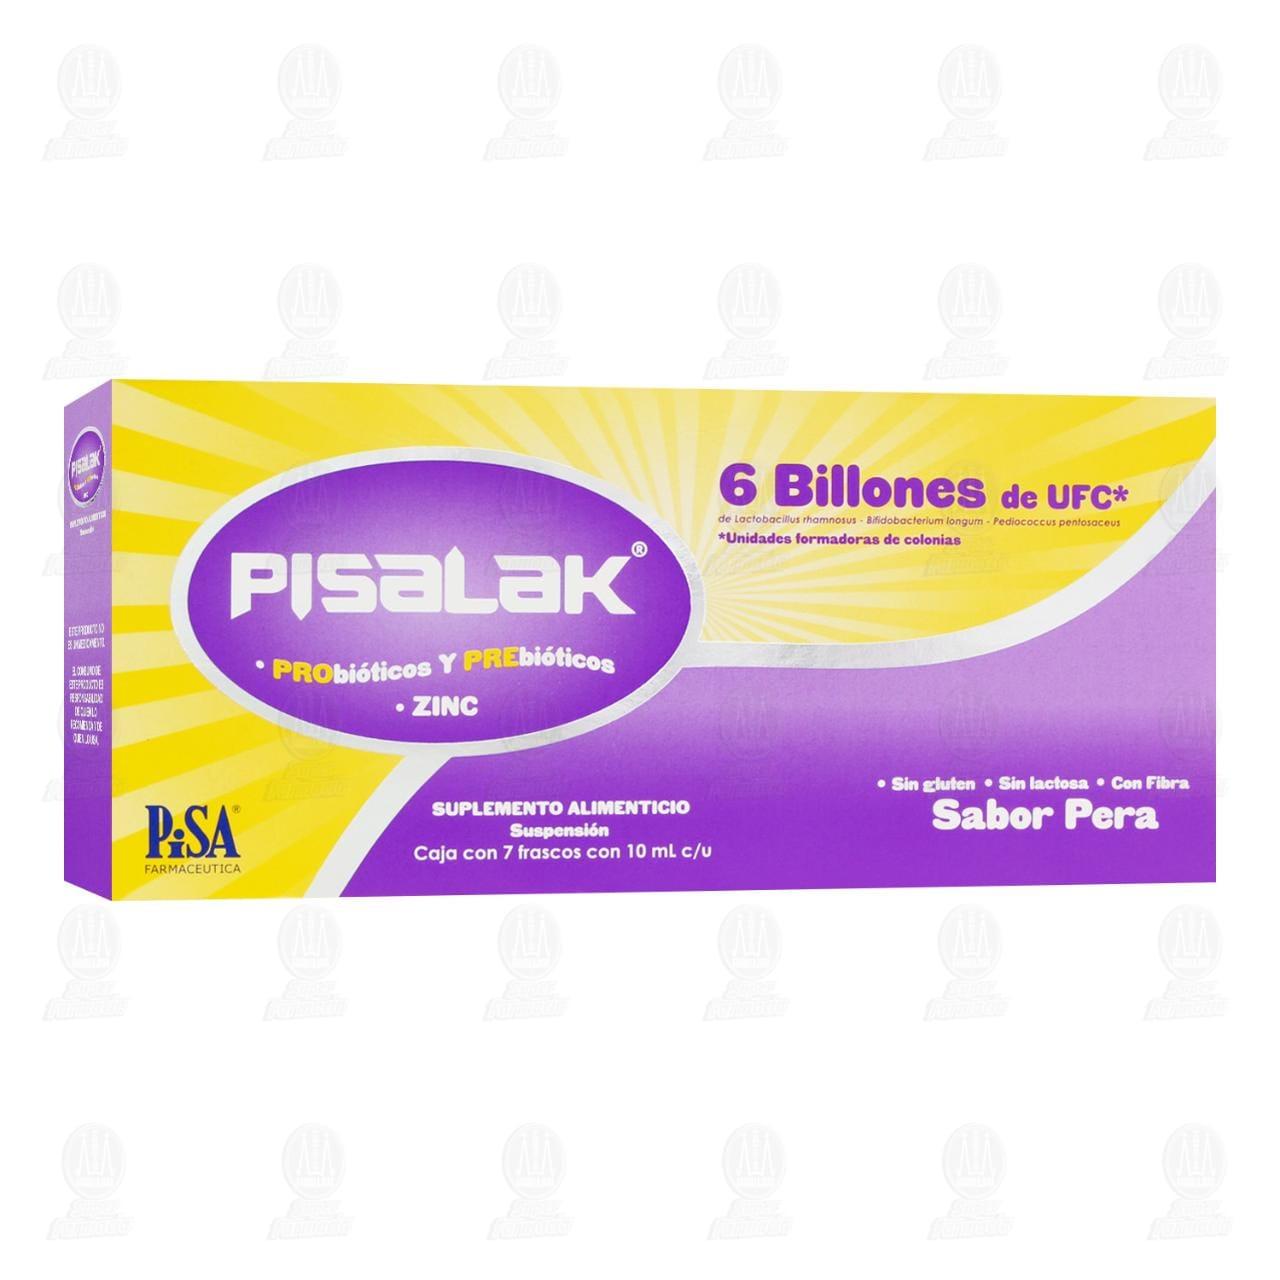 comprar https://www.movil.farmaciasguadalajara.com/wcsstore/FGCAS/wcs/products/1334239_A_1280_AL.jpg en farmacias guadalajara